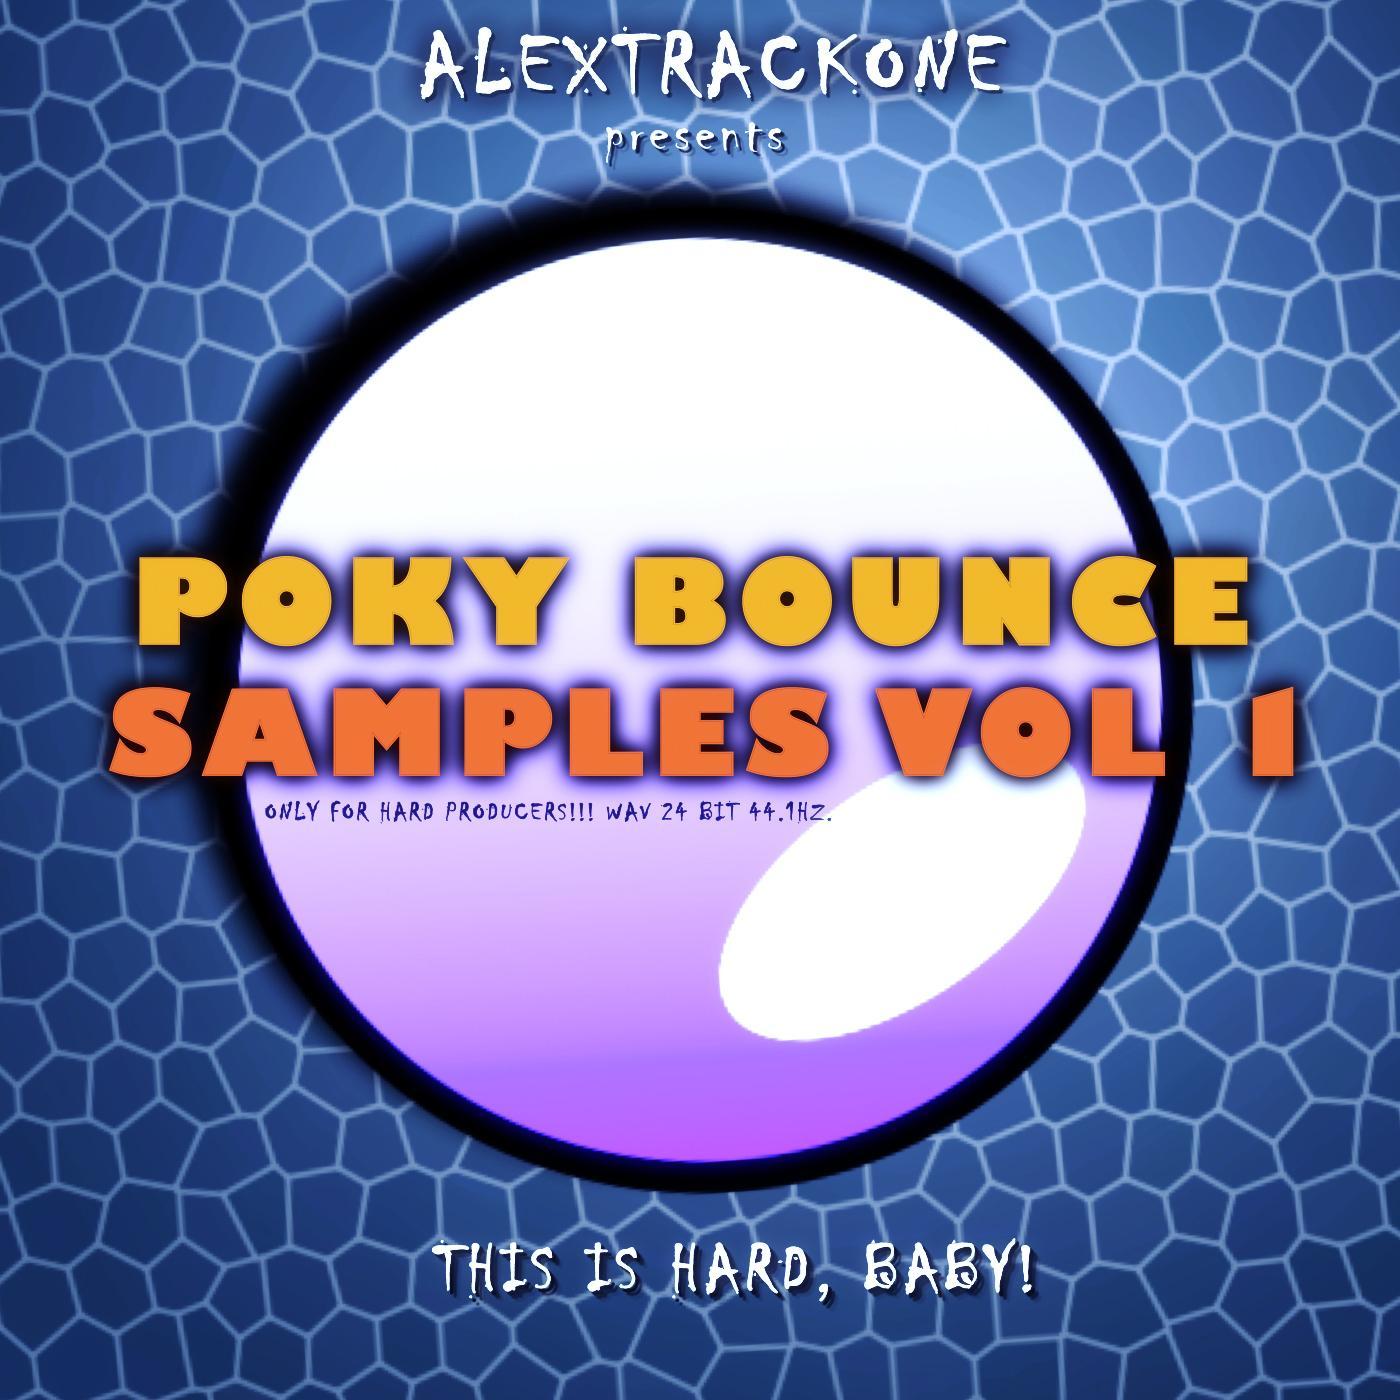 POKY BOUNCE Vol1 -Samples WAV-